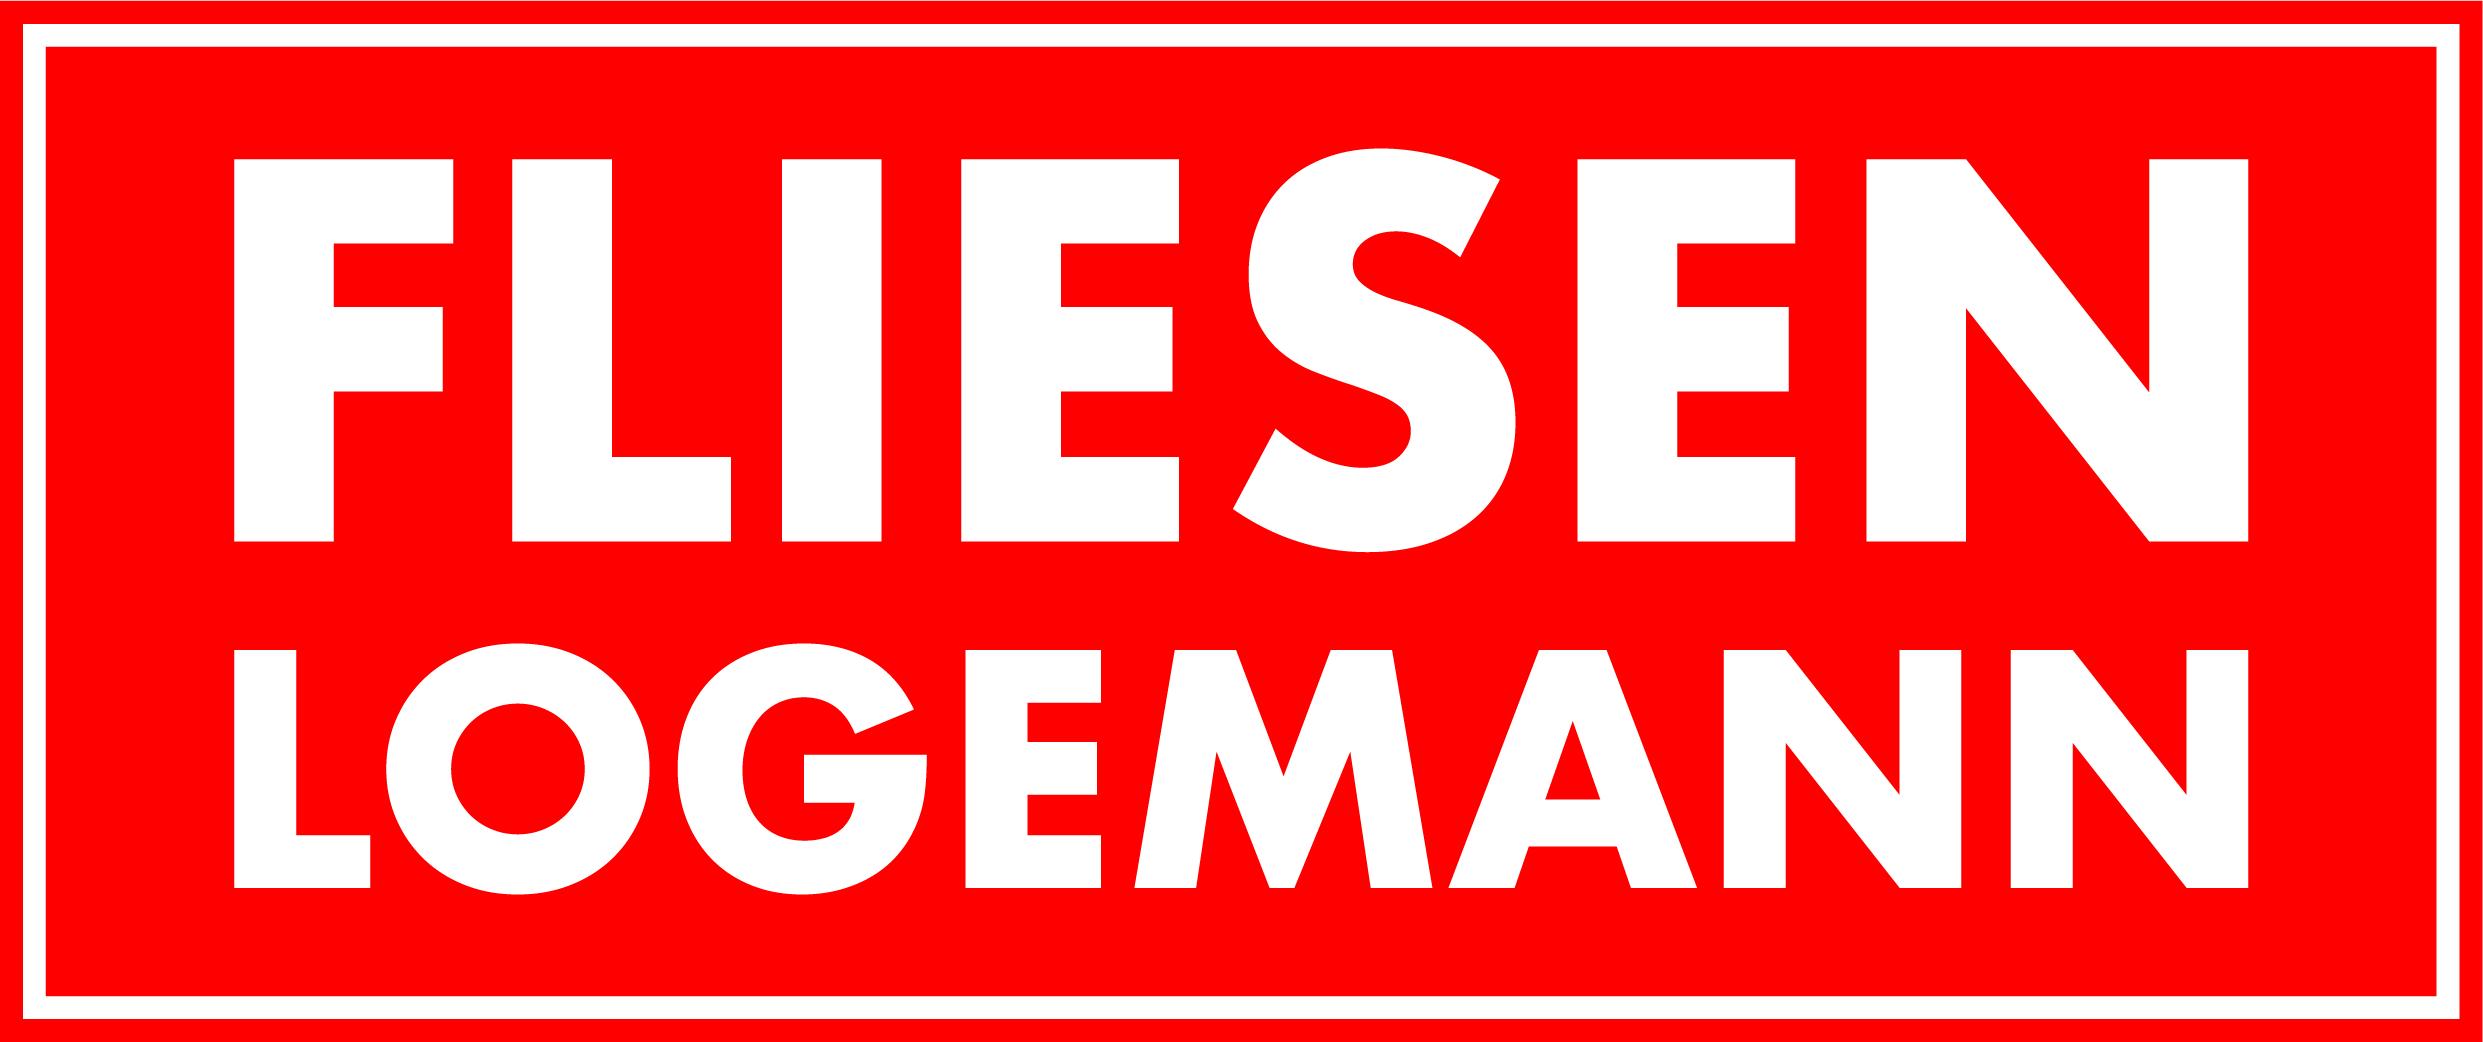 Logemann_Quer_CMYK_rot.jpg